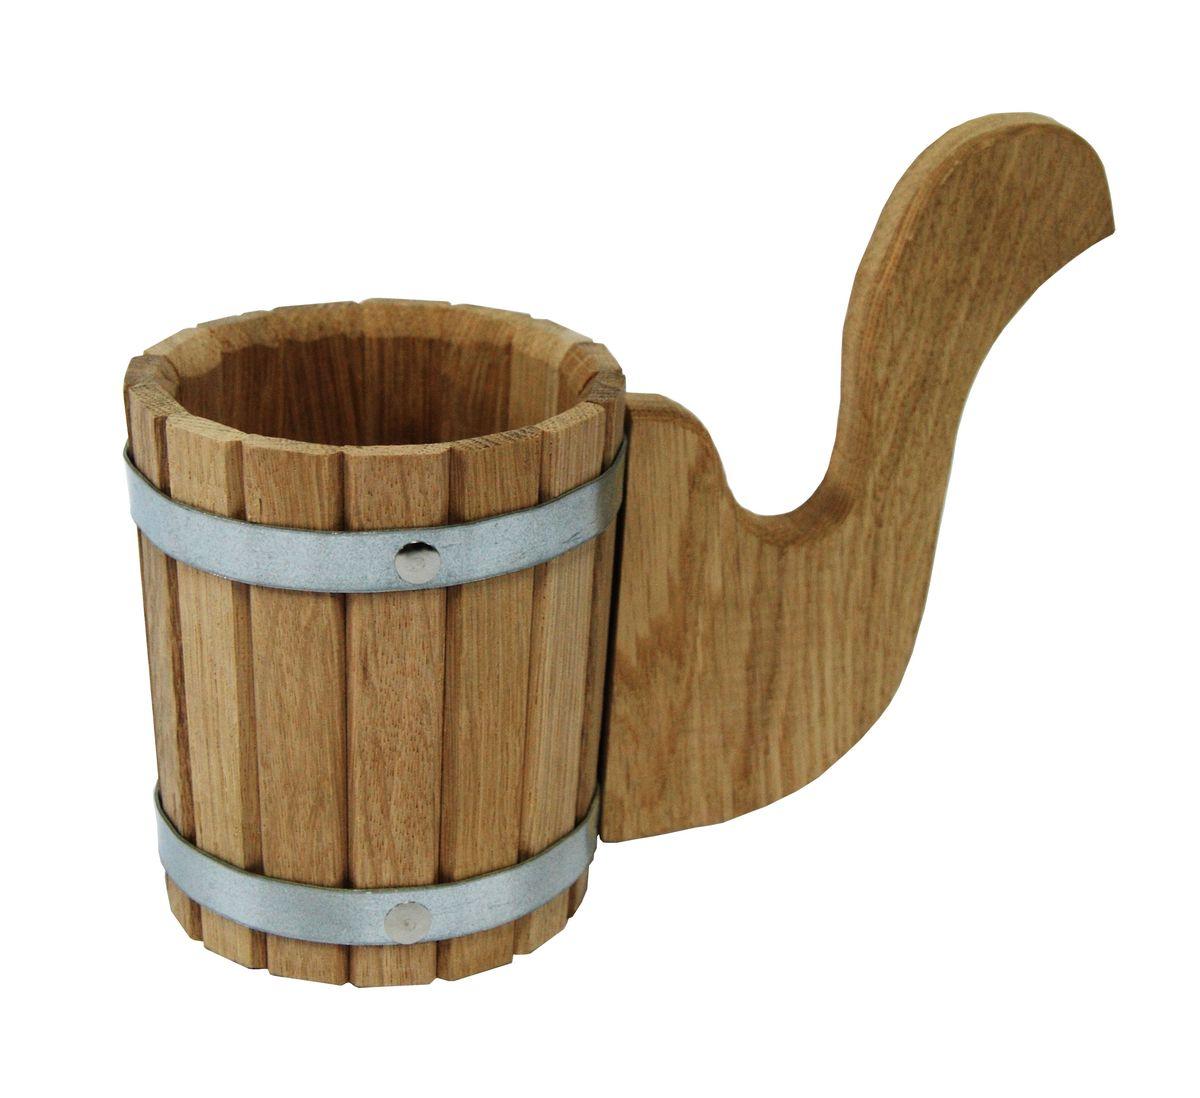 Чарка Proffi Sauna, 0,5 лPS0131Чарка Proffi Sauna выполнена из дубовых брусков, стянутых двумя металлическими обручами. Для более удобного использования чарка имеет эргономичную ручку. Она просто незаменима для подачи напитков, приготовления отваров из трав и ароматических масел, также подходит для декора или в качестве сувенира. Чарка является одной из тех приятных мелочей, без которых не обойтись при принятии банных процедур. Эксплуатация бондарных изделий. Перед первым использованием бондарное изделие рекомендуется подготовить. Для этого нужно наполнить изделие холодной водой и оставить наполненным на 2-3 часа. Затем необходимо воду слить, обдать изделие сначала горячей, потом холодной водой. Не рекомендуется оставлять бондарные изделия около нагревательных приборов, а также под длительным воздействием прямых солнечных лучей.С момента начала использования бондарного изделия не рекомендуется оставлять его без воды на срок более 1 недели. Но и продолжительное время хранить в таких изделиях воду тоже не следует.После каждого использования необходимо вымыть и ошпарить изделие кипятком. В качестве моющих средств желательно использовать пищевую соду либо раствор горчичного порошка.Правильное обращение с бондарными изделиями позволит надолго сохранить их эксплуатационные свойства и продлить срок использования! Объем чарки: 500 мл. Диаметр чарки по верхнему краю: 11 см. Высота чарки (без учета ручки): 18 см.